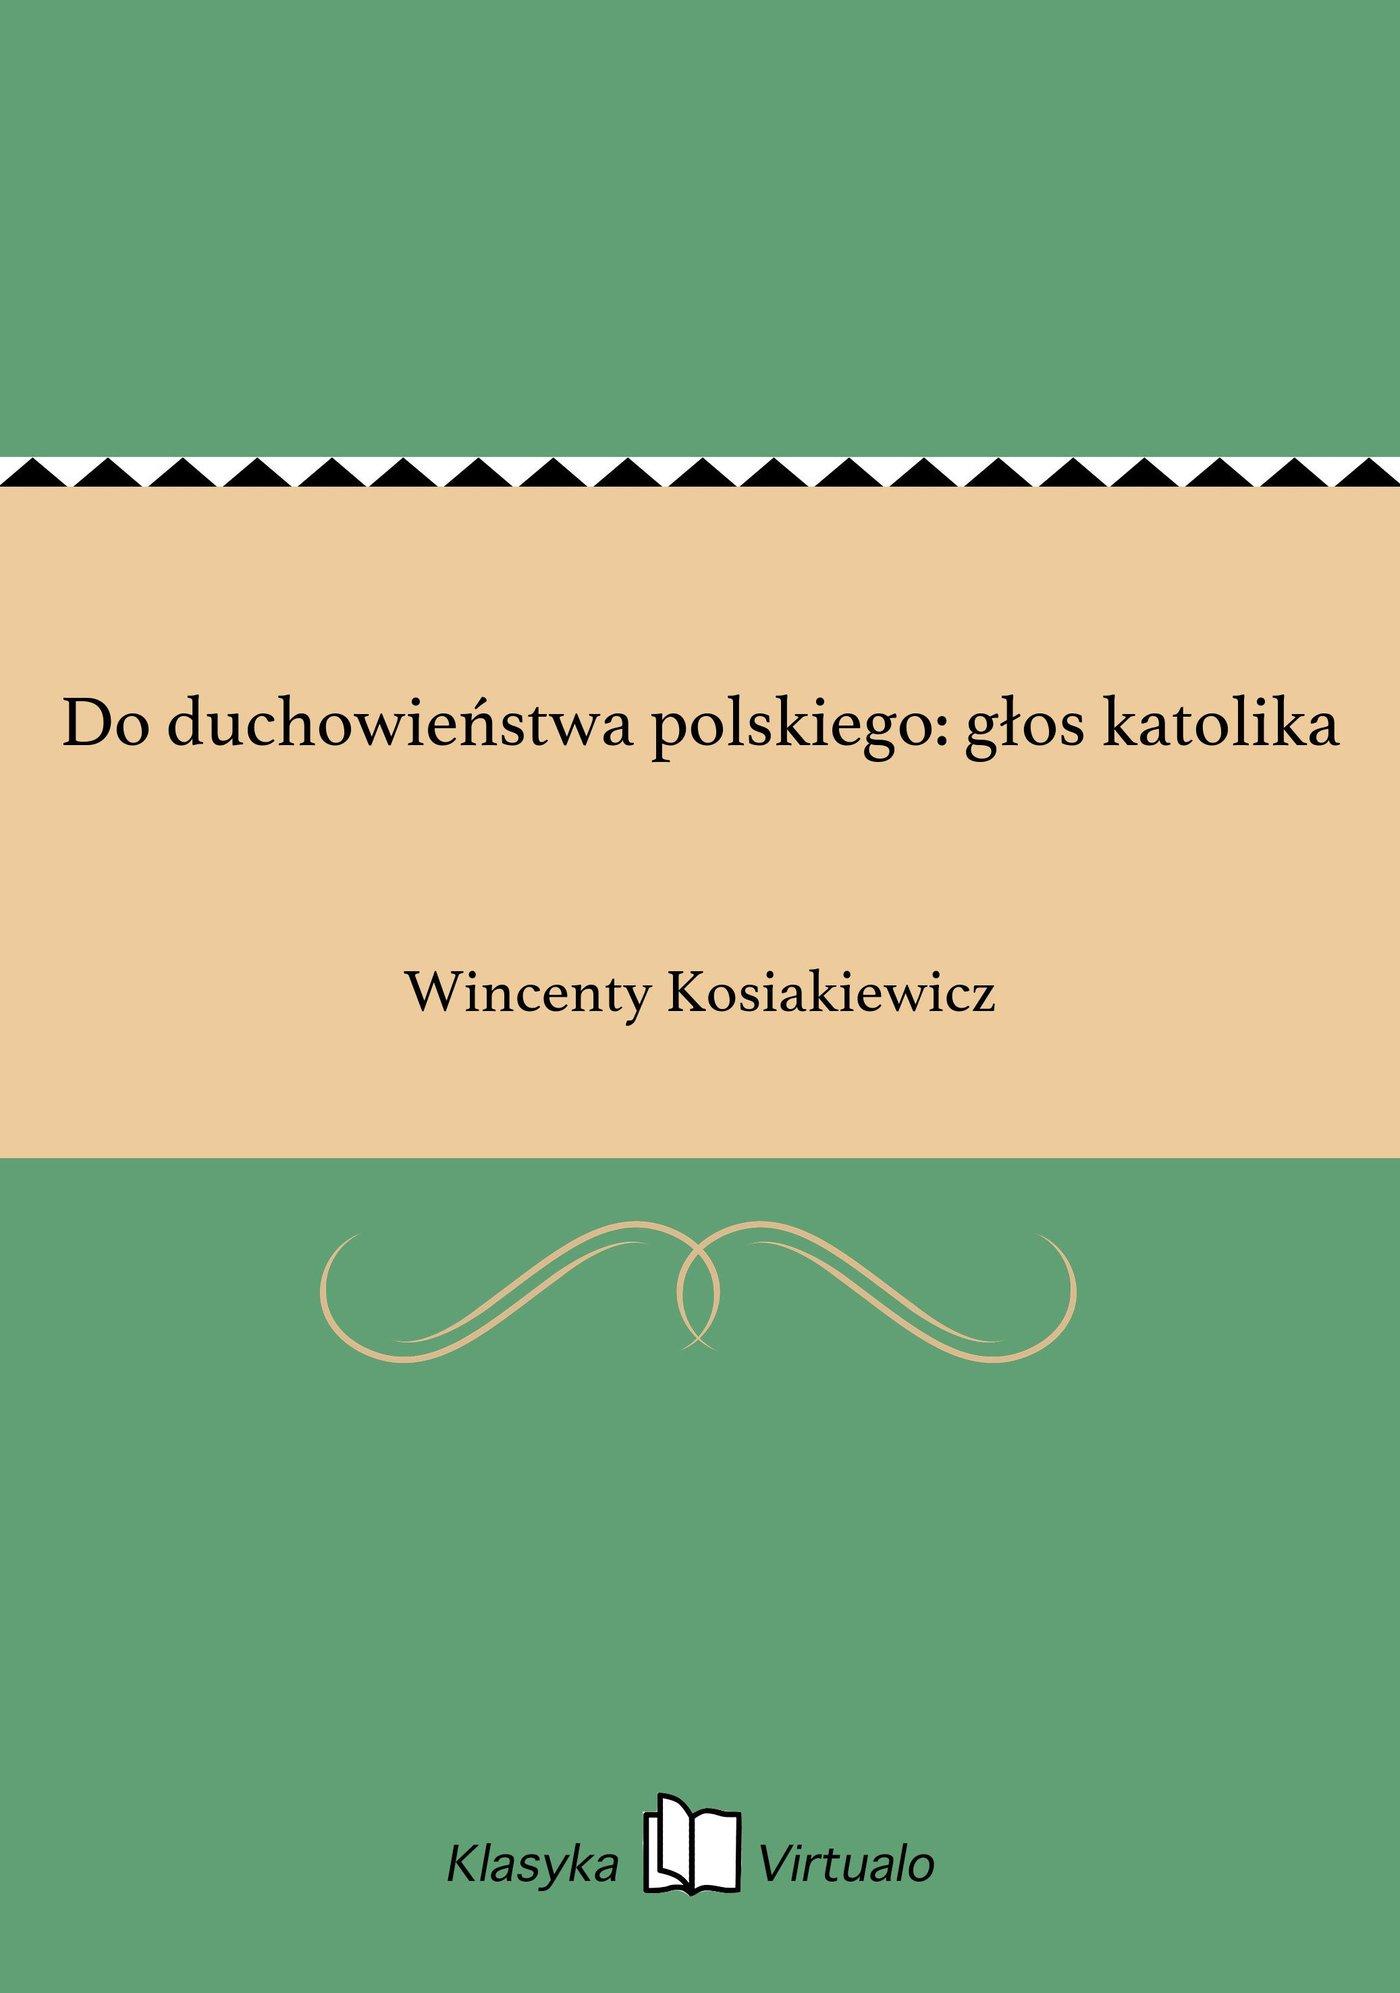 Do duchowieństwa polskiego: głos katolika - Ebook (Książka EPUB) do pobrania w formacie EPUB